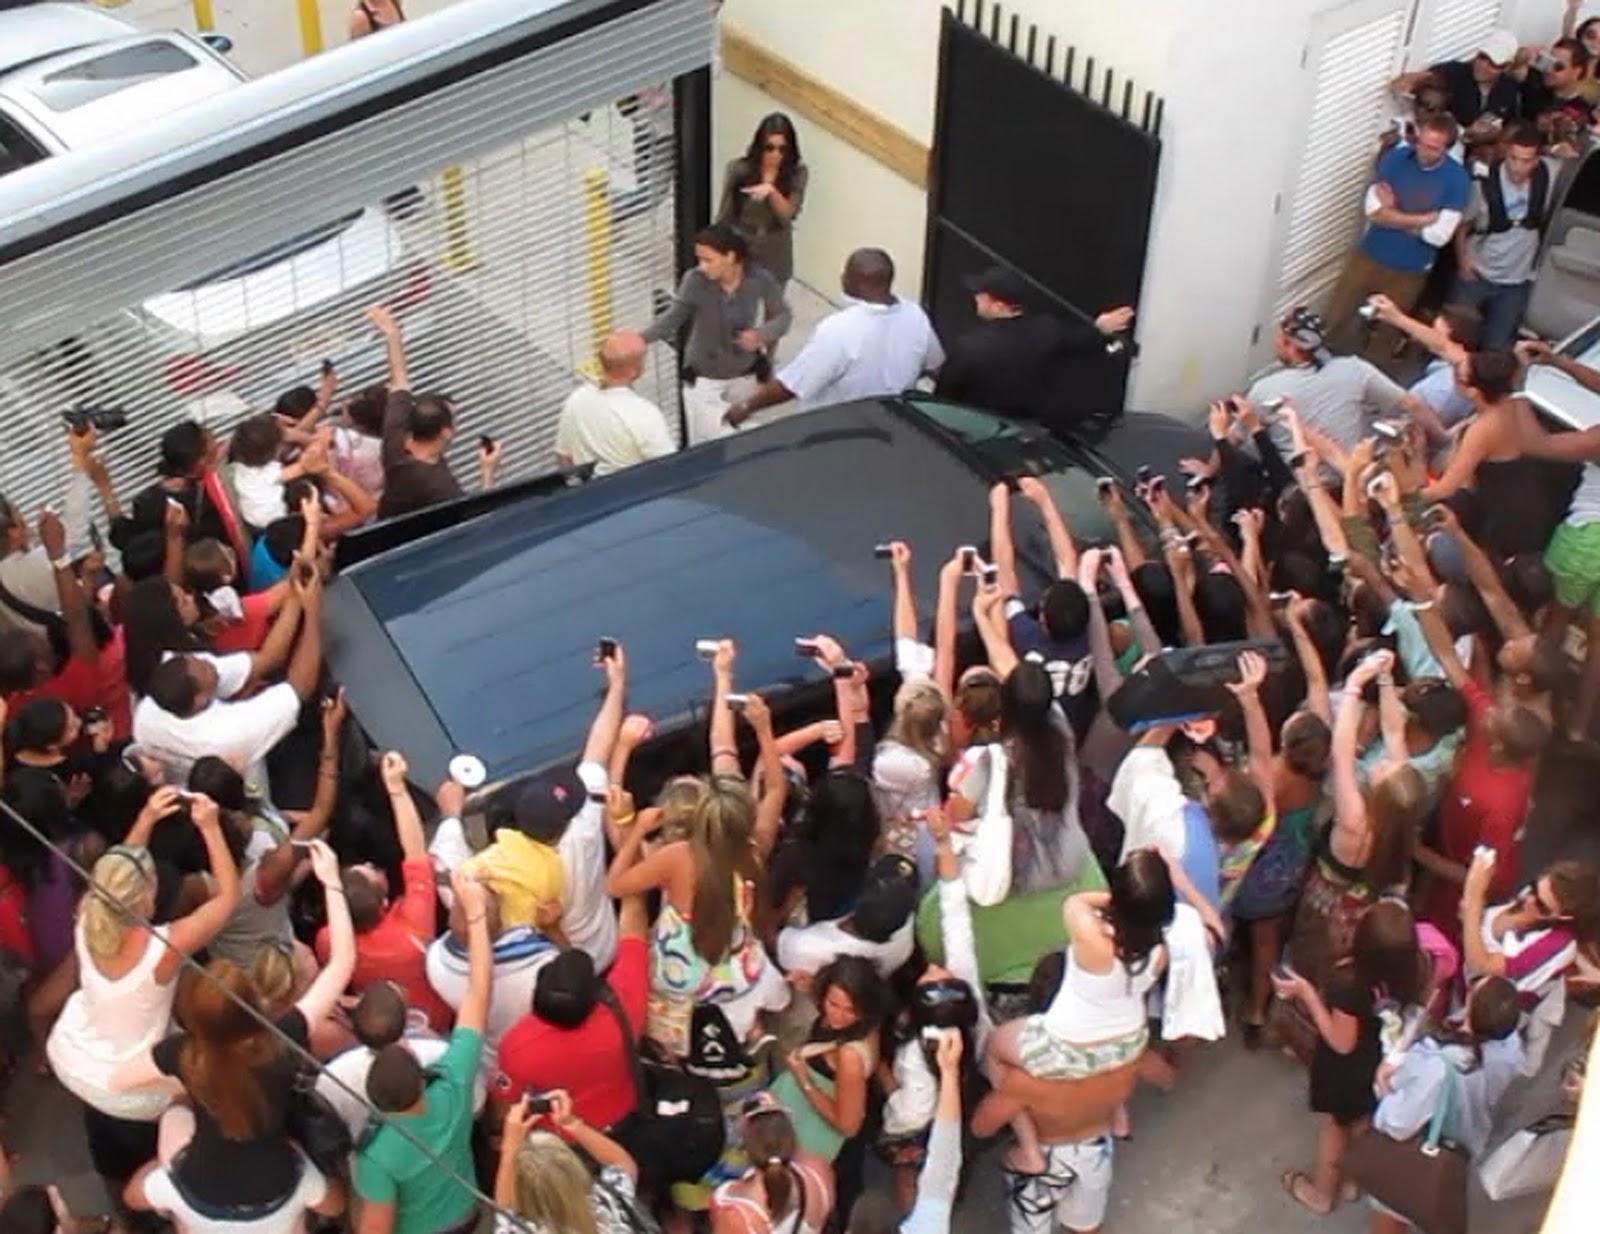 http://4.bp.blogspot.com/_45uXfu3bCko/TMeYjrobavI/AAAAAAAAACU/M2OOk3RUZKs/s1600/kim-kardashian-paparazzi-fans-dash-miami-1.jpg